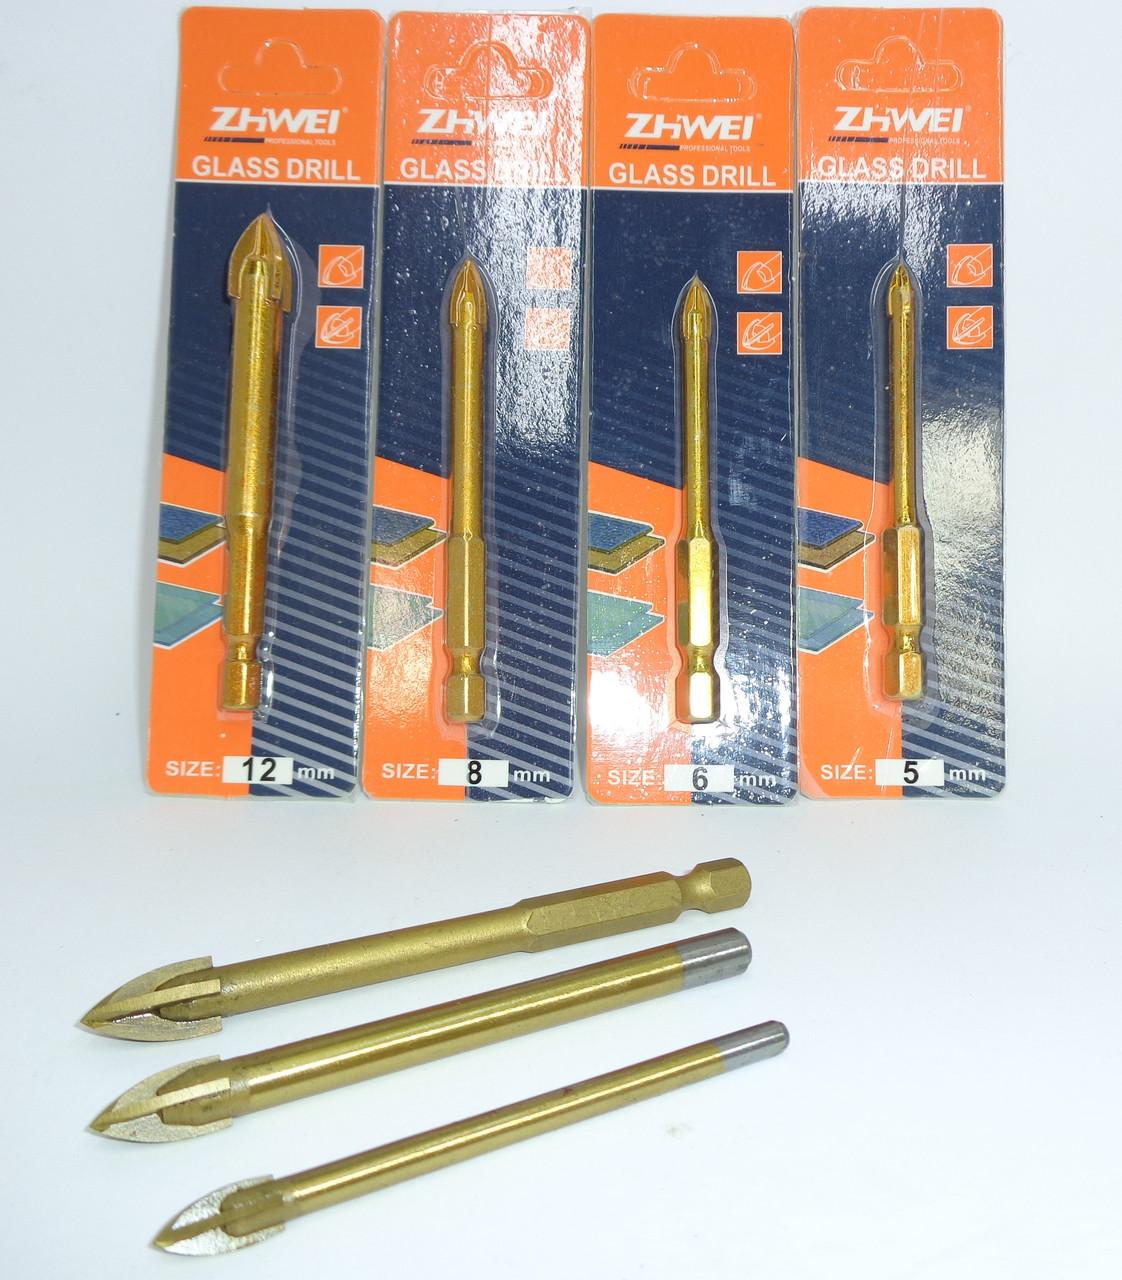 Сверла по стеклу, керамике и мрамору 12 мм с 4 режущими кромками Zhwei